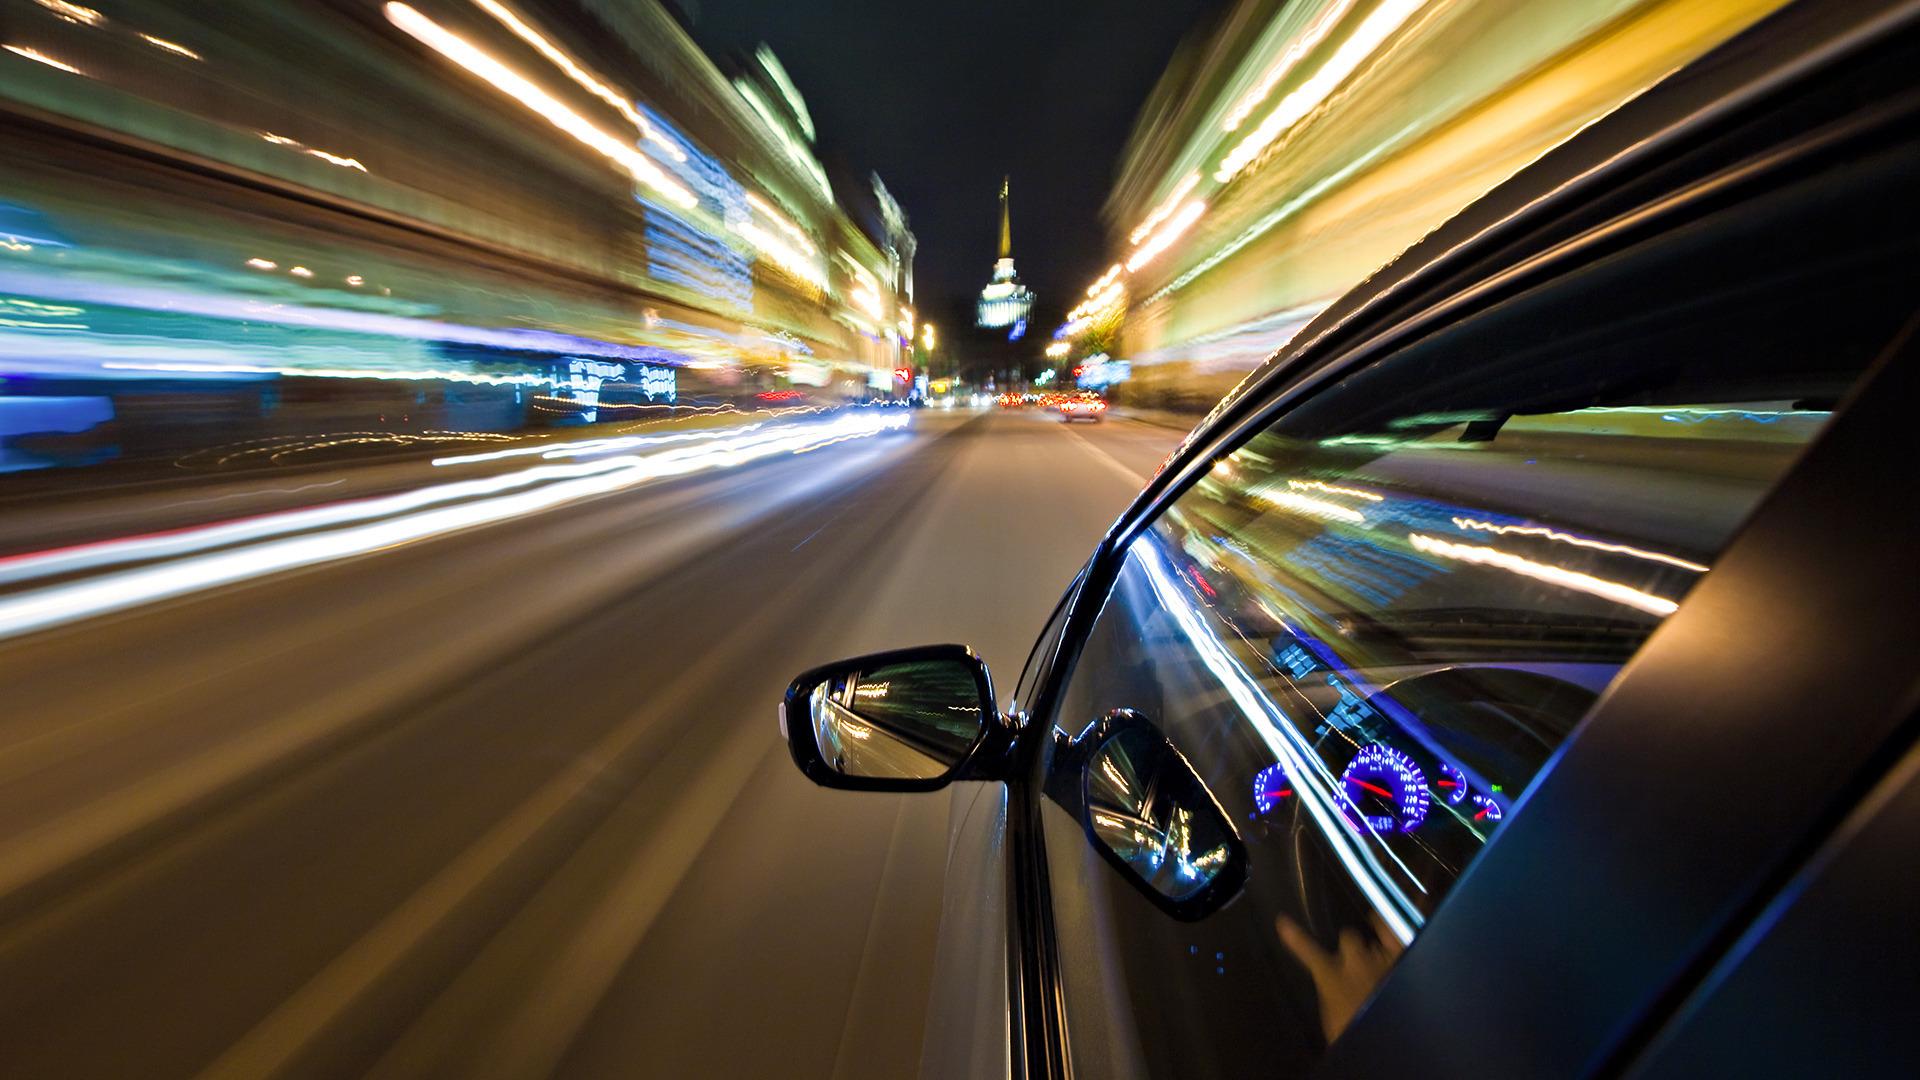 Ночная поездка на автомобиле?